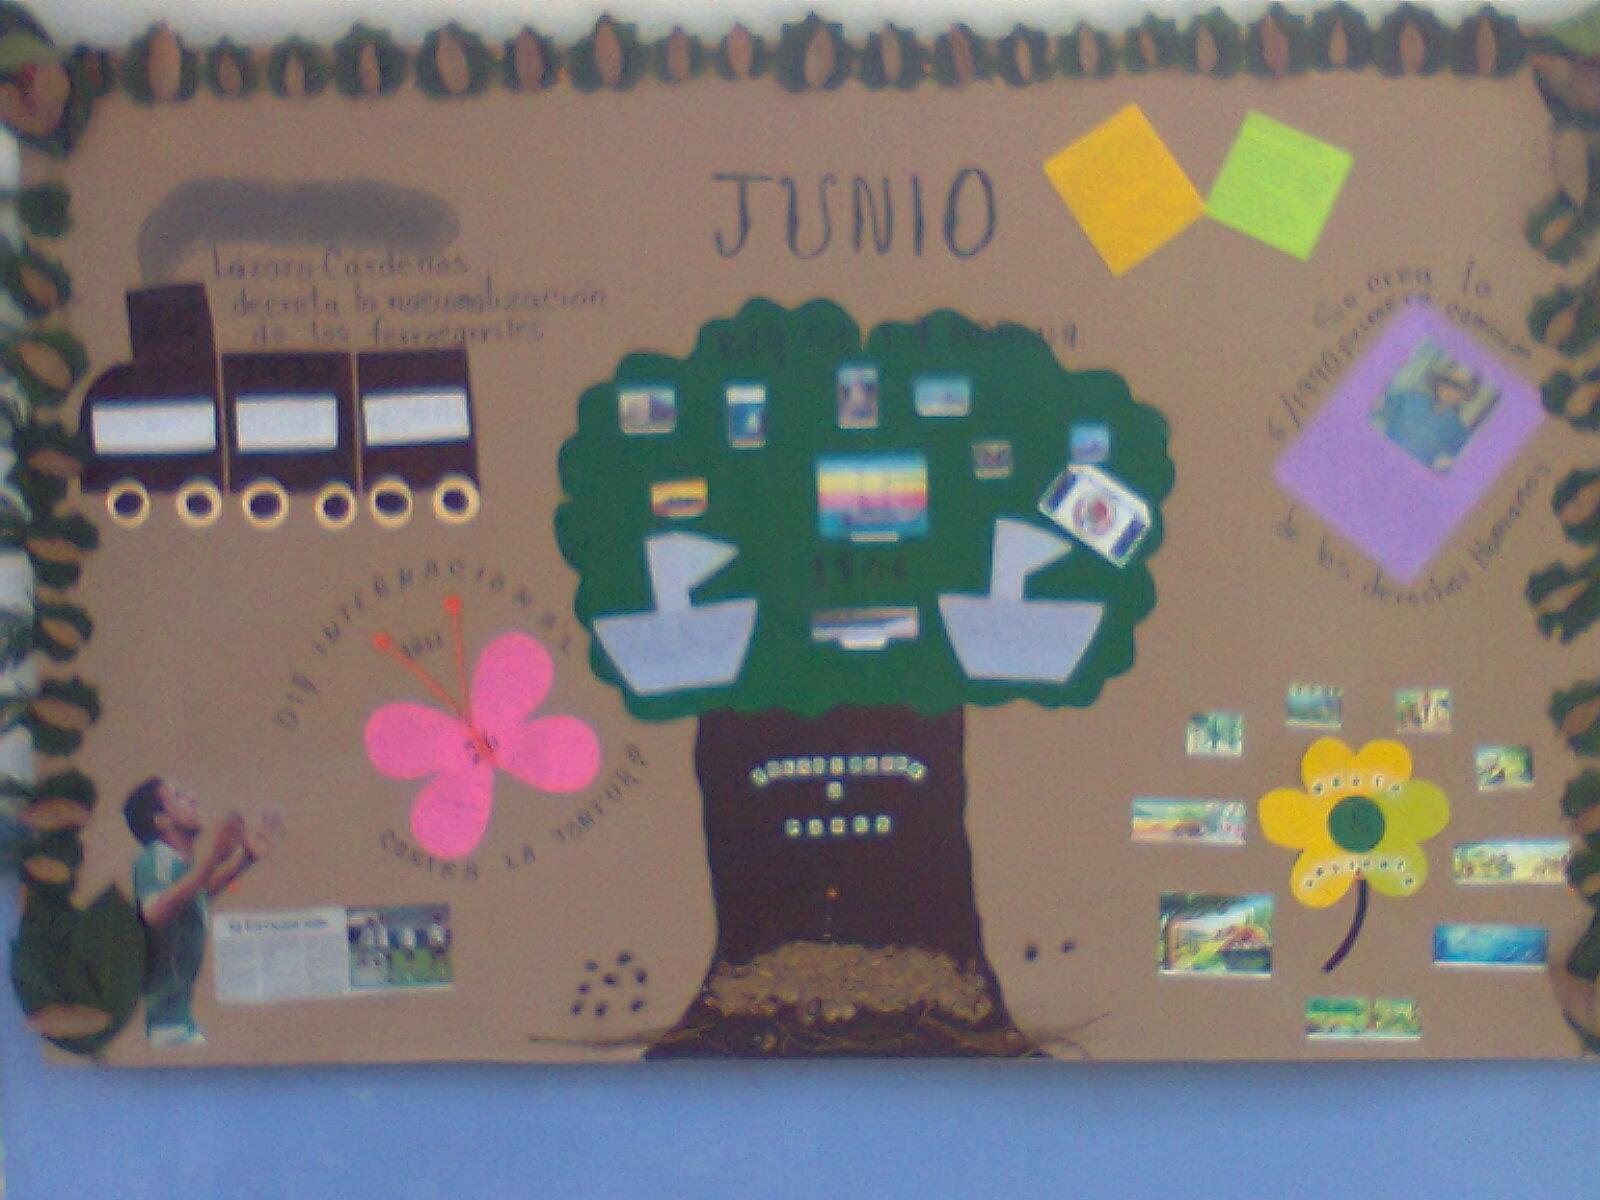 Peri dico mural mes de junio 2 imagenes educativas for Amenidades para periodico mural